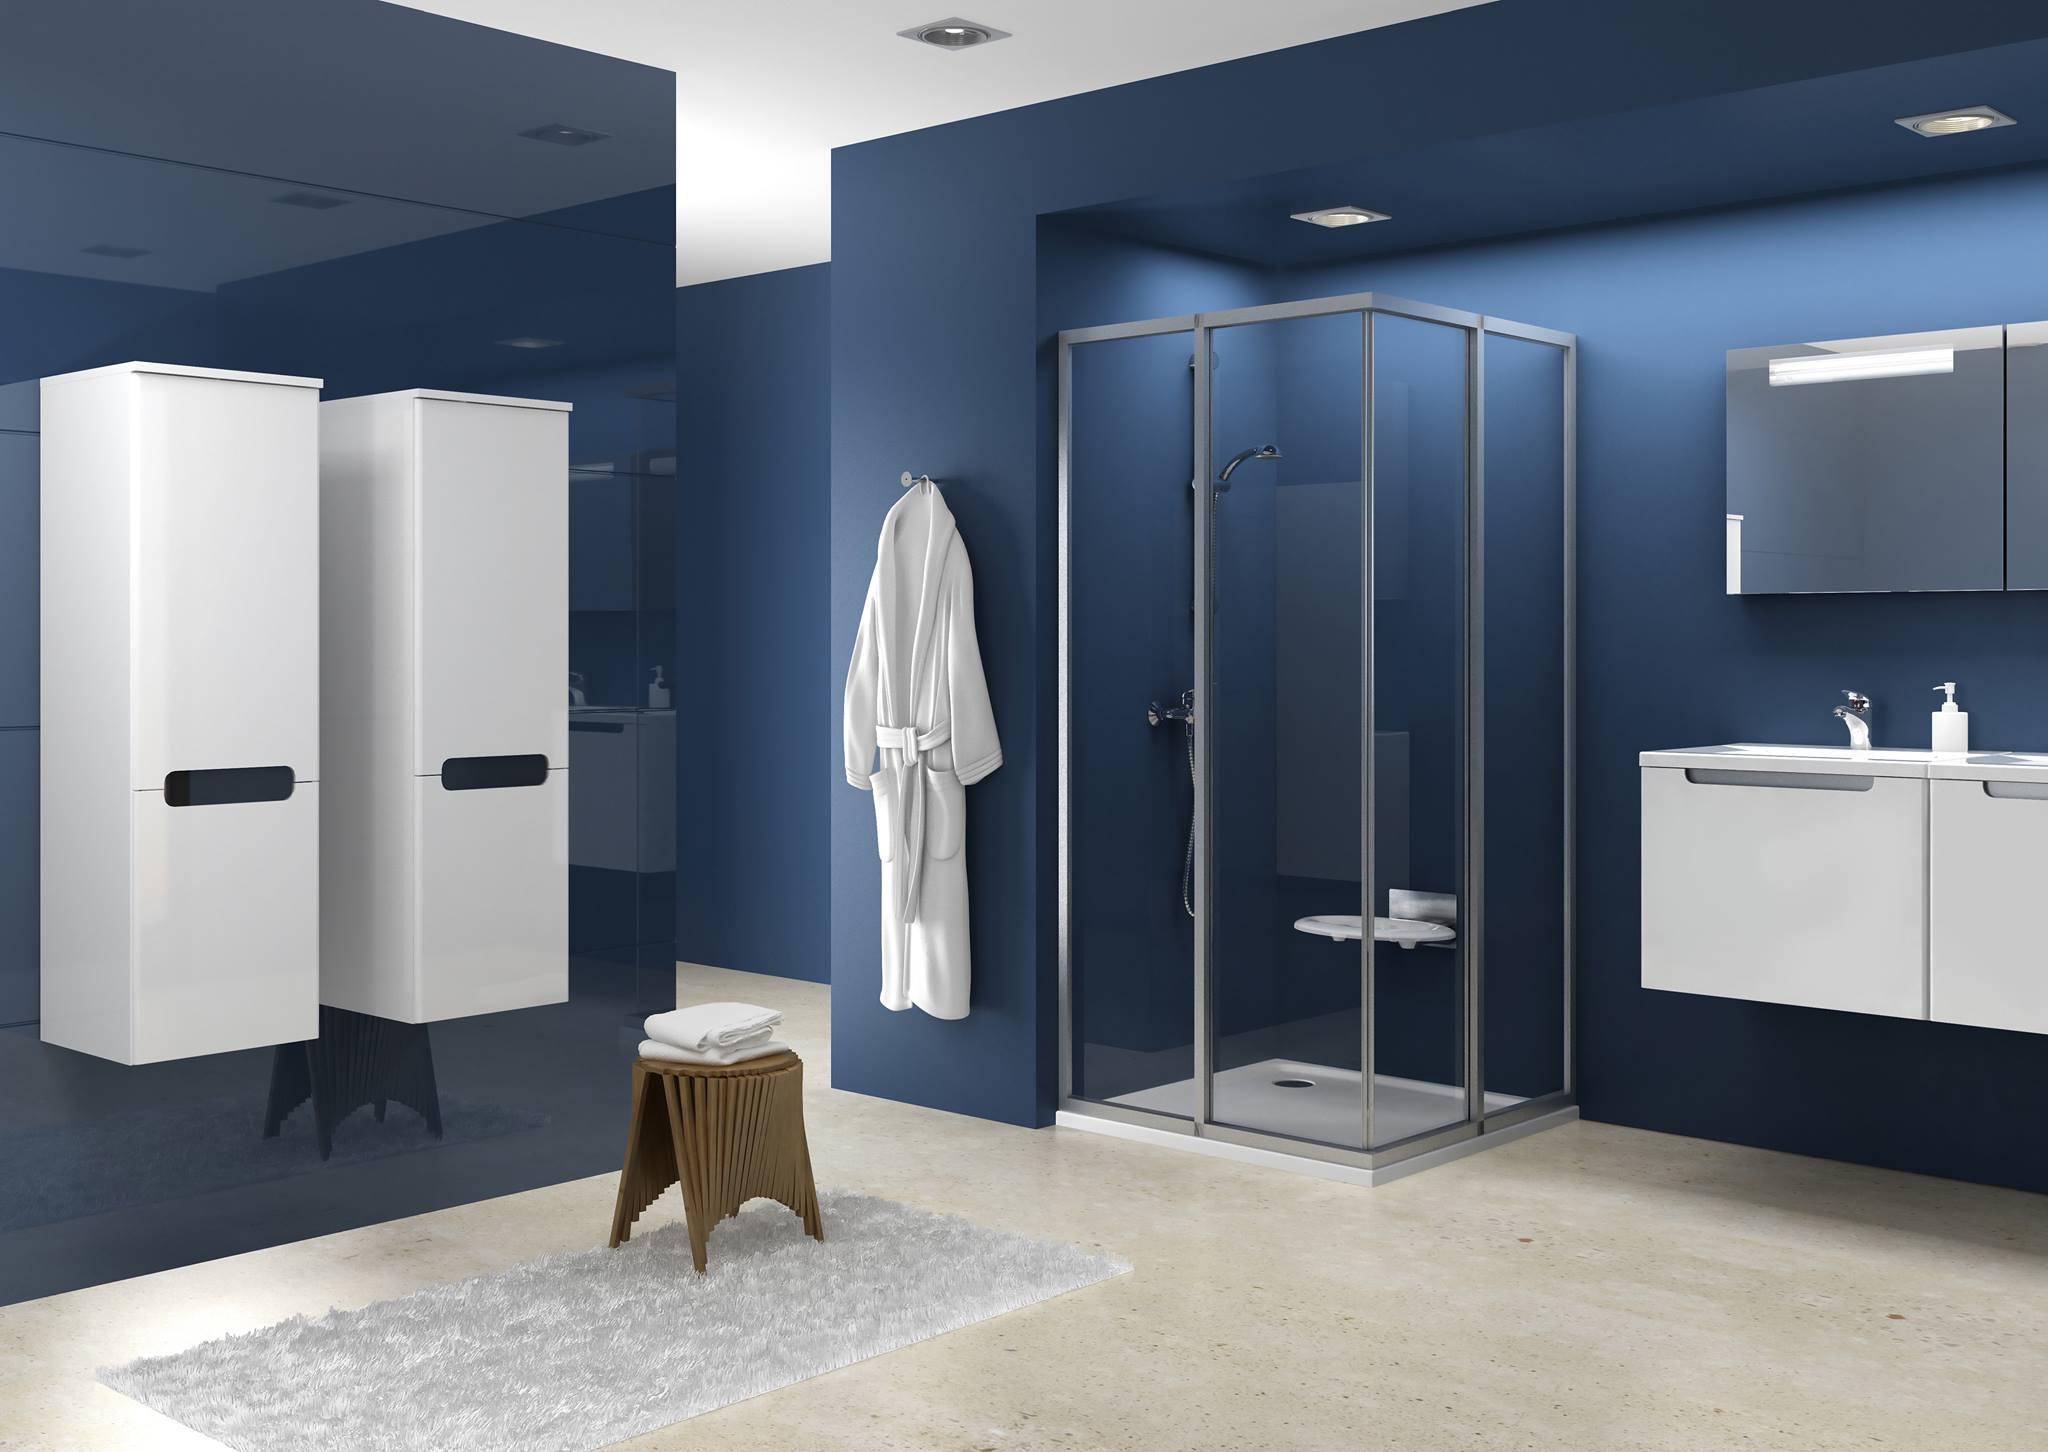 A keretes sarokbelépős zuhanykabin esetében az üveglapokat keretekbe helyezzük el, hogy nagyon gyakori használat mellett is tartósak maradjanak.